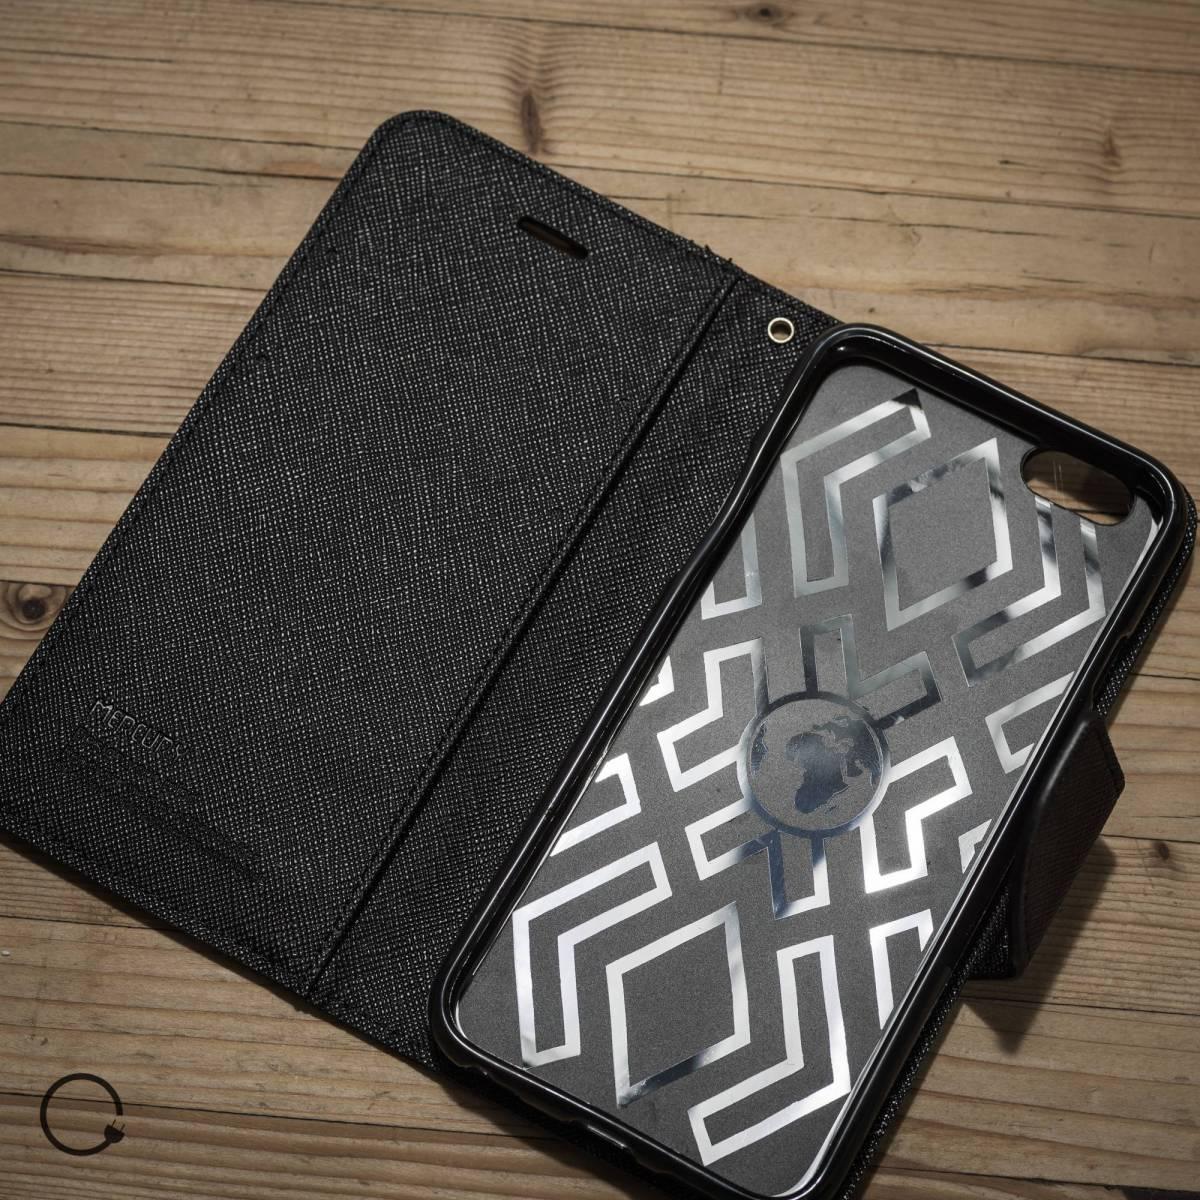 5314d05b2c9 iPhone 6/6+ cover med pung og kortplads - MacKabler.dk